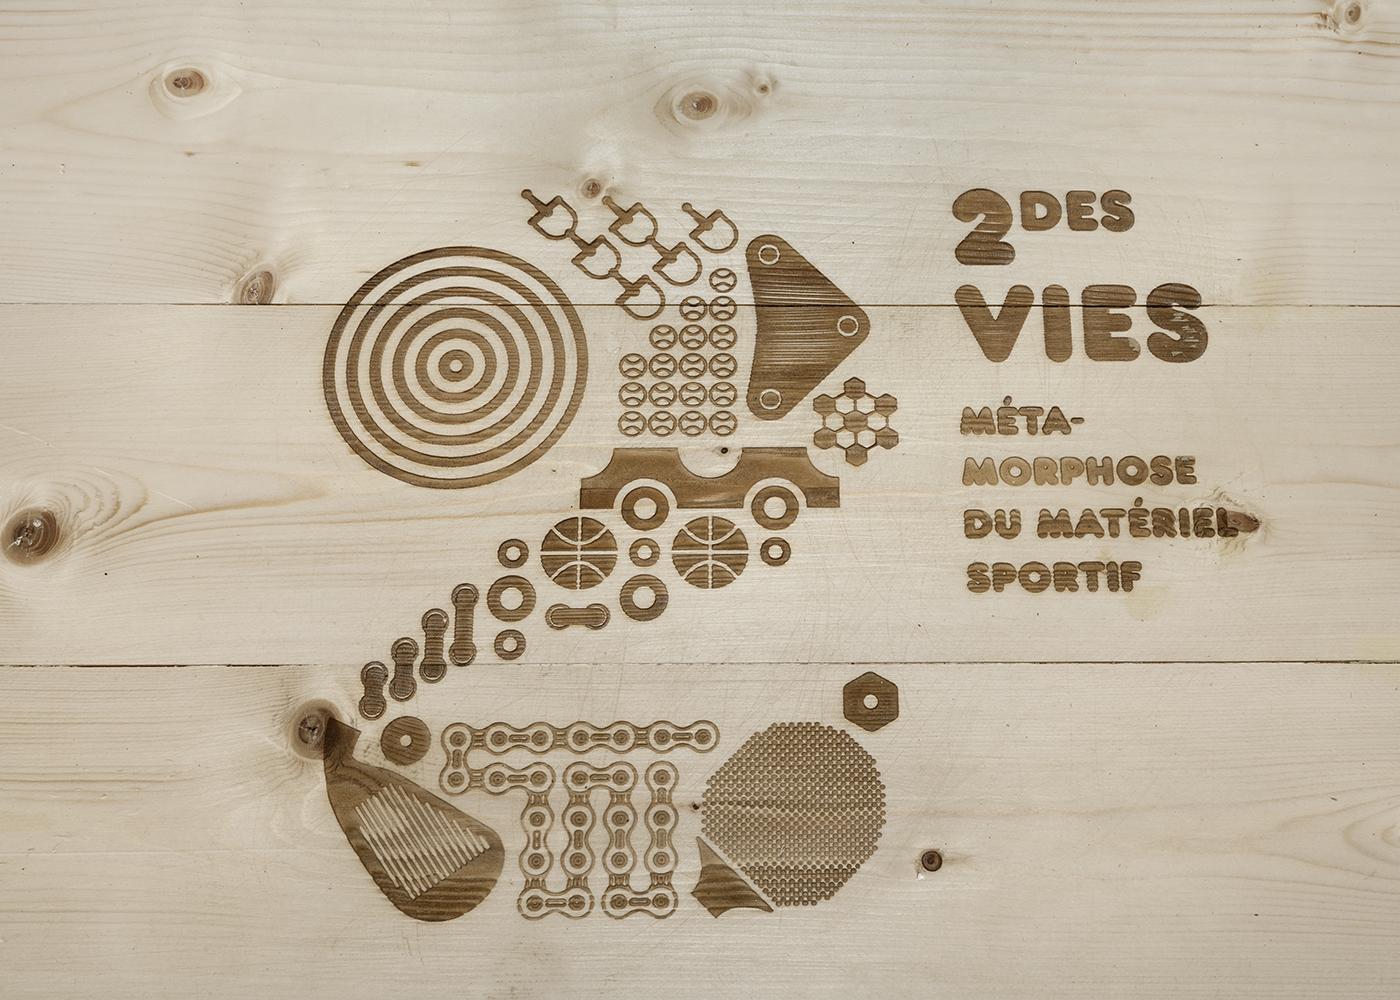 sport recyclage